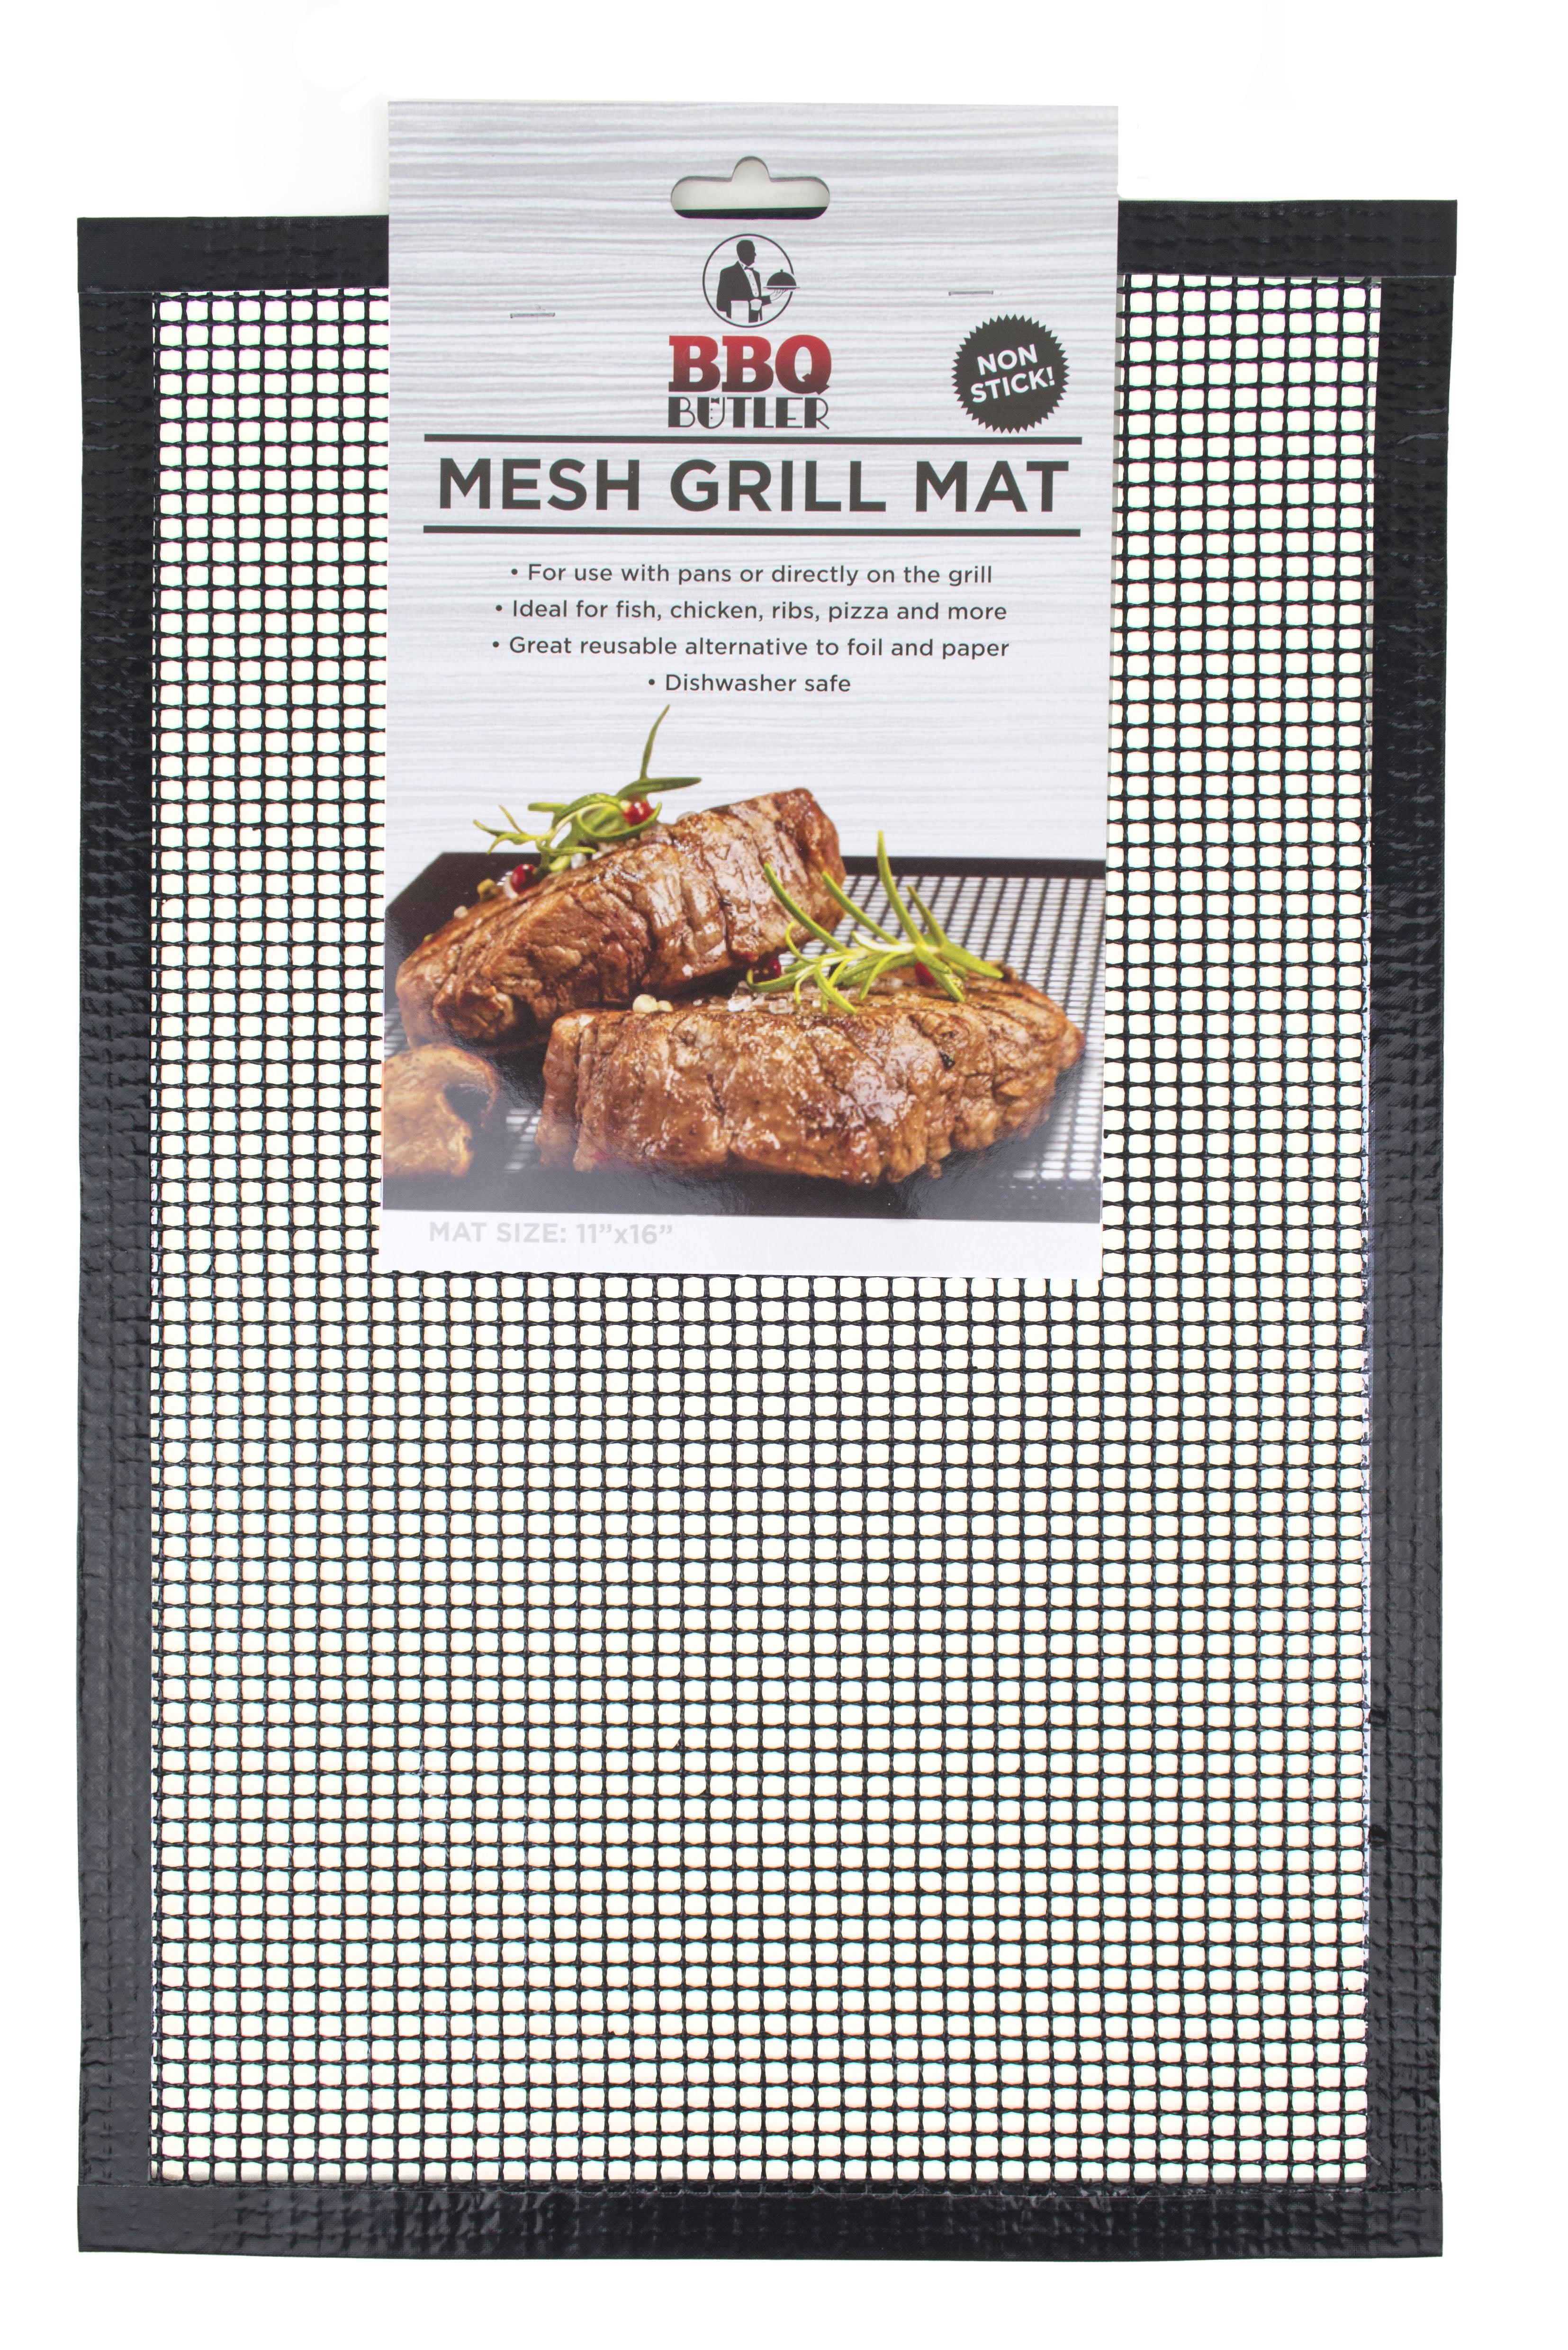 Mesh Grill Mat